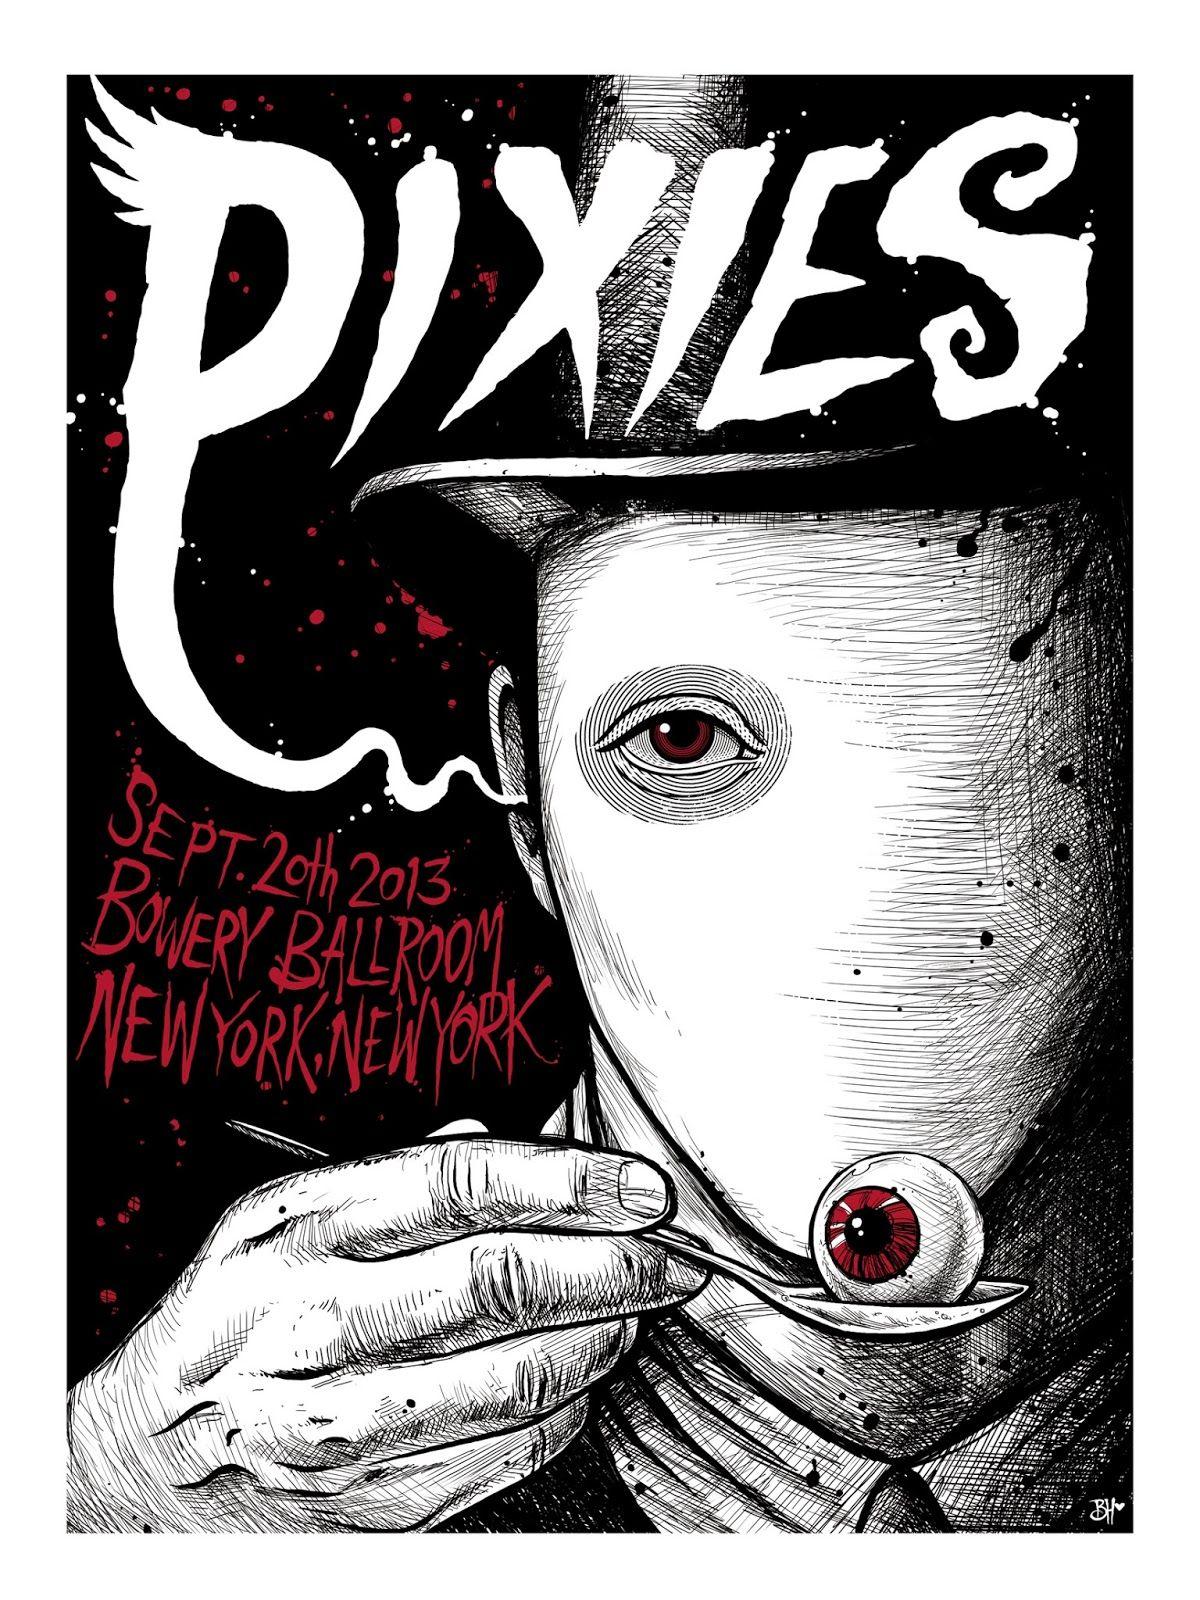 Pixies New York | Music | Pinterest | Plakate und Bilder